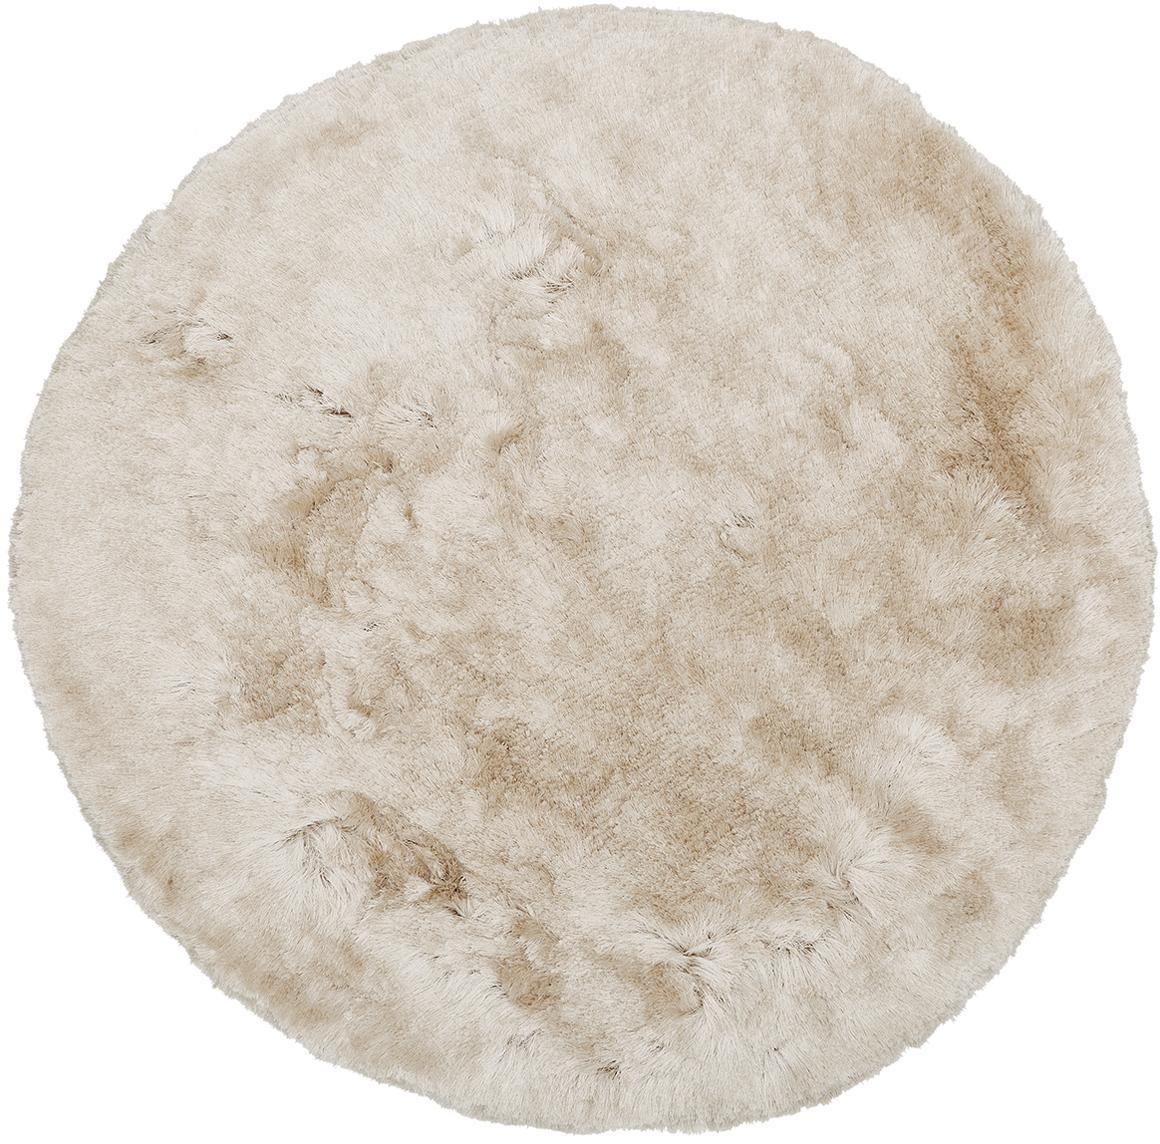 Glänzender Hochflor-Teppich Jimmy in Elfenbein, rund, Flor: 100% Polyester, Elfenbein, Ø 150 cm (Grösse M)